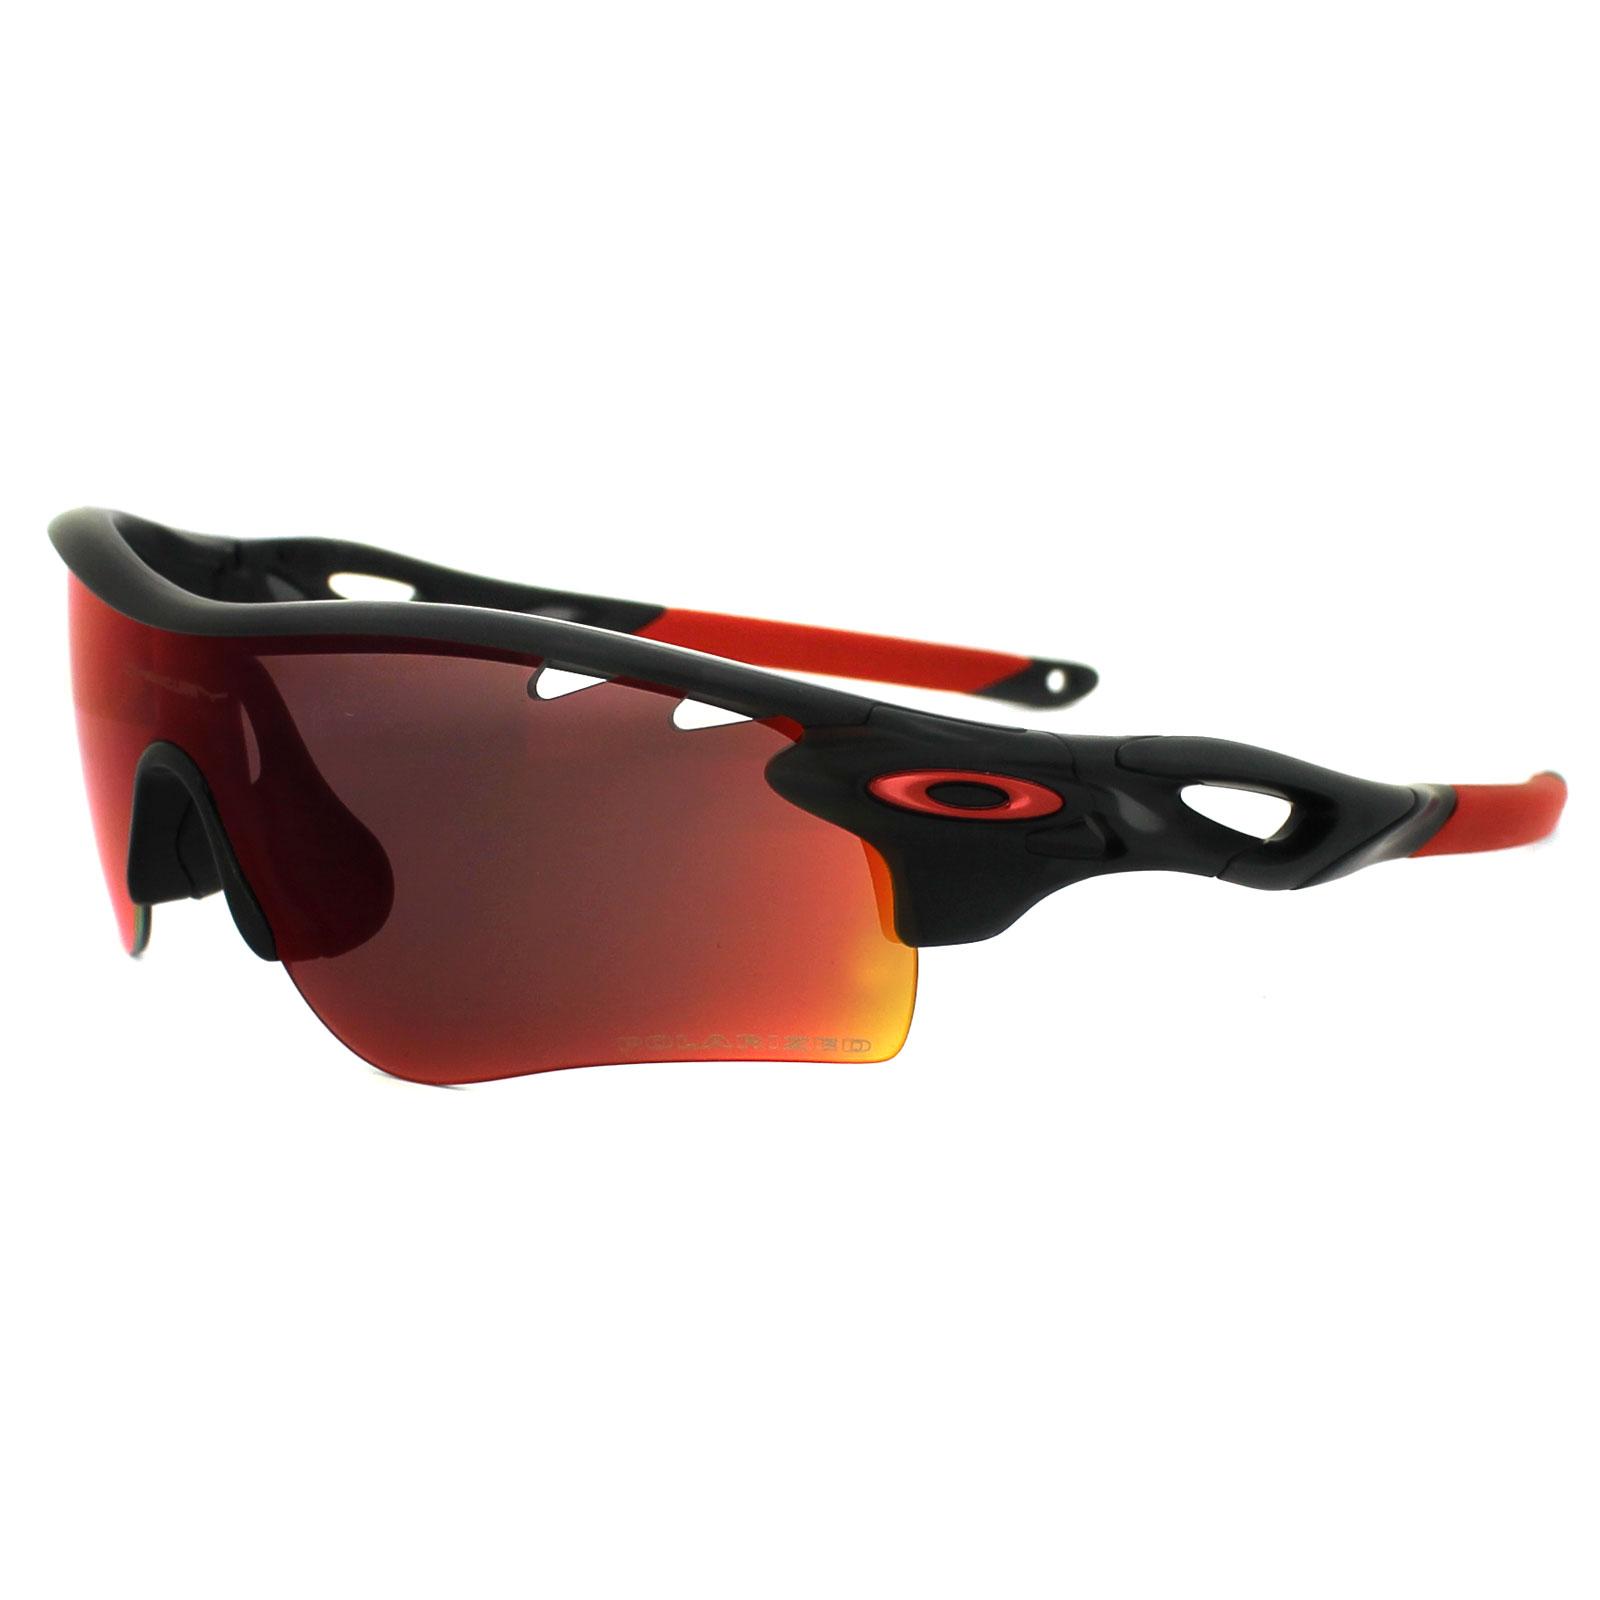 orange and black oakley sunglasses